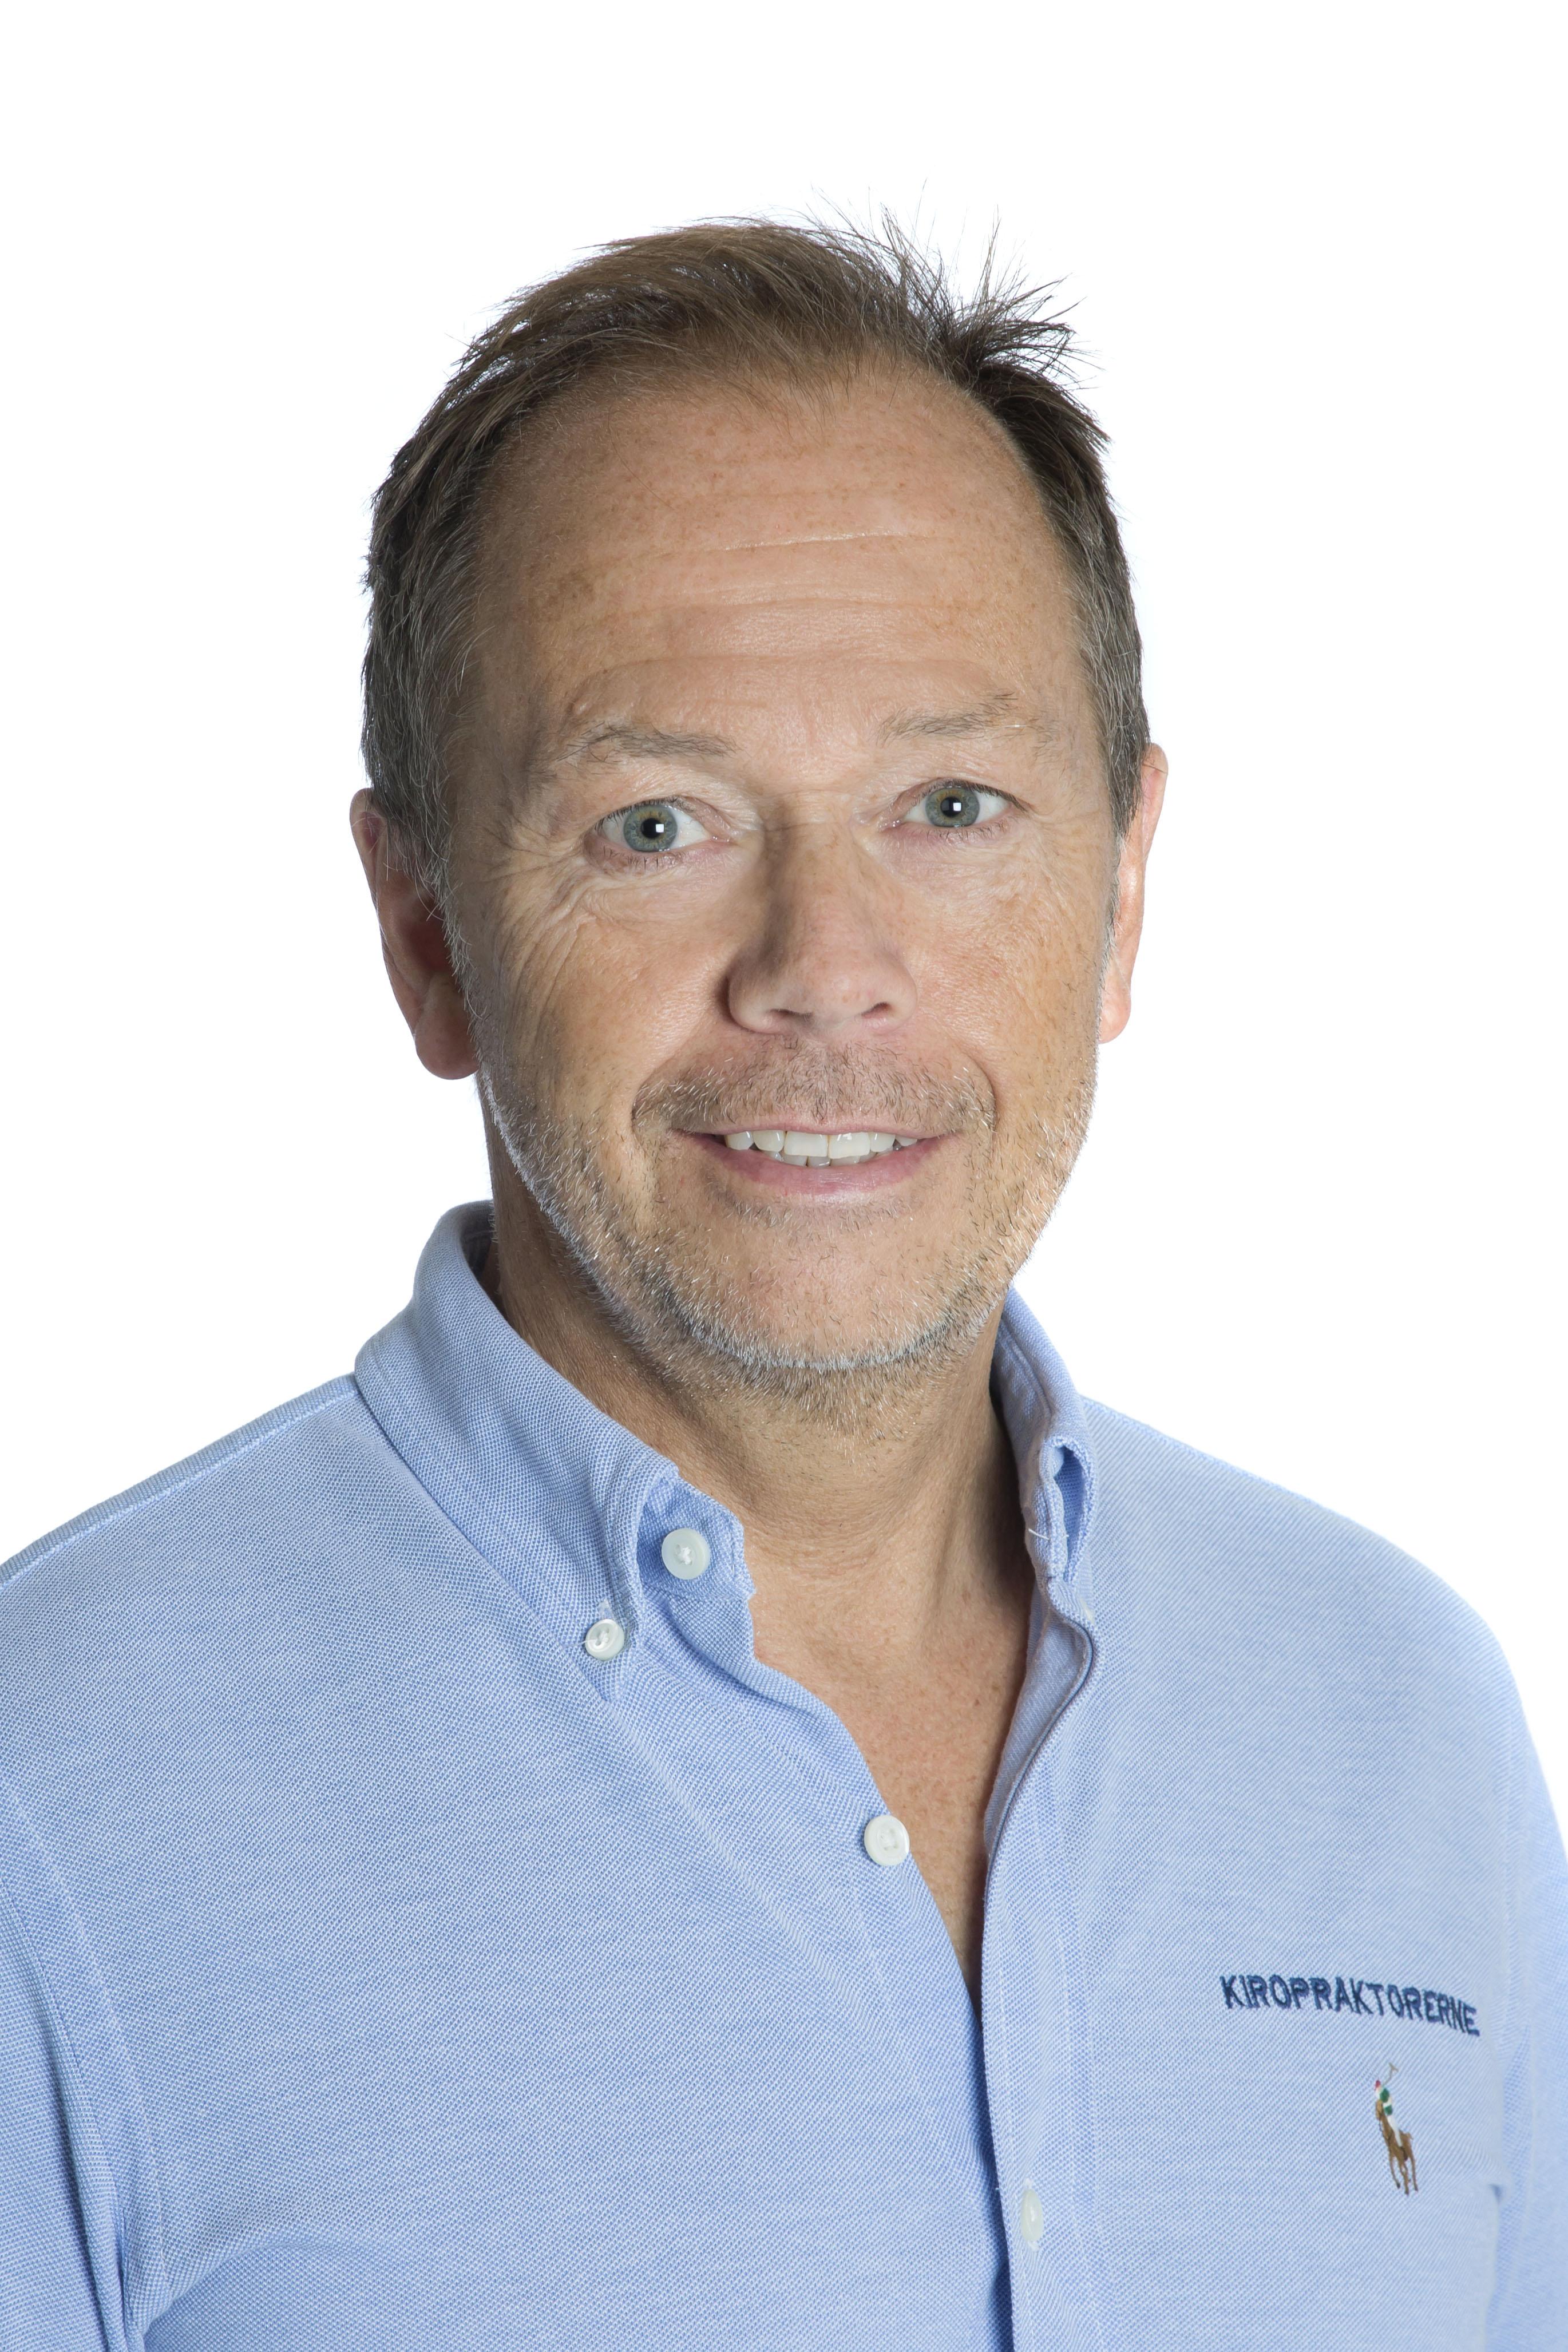 Henrik Nykjær